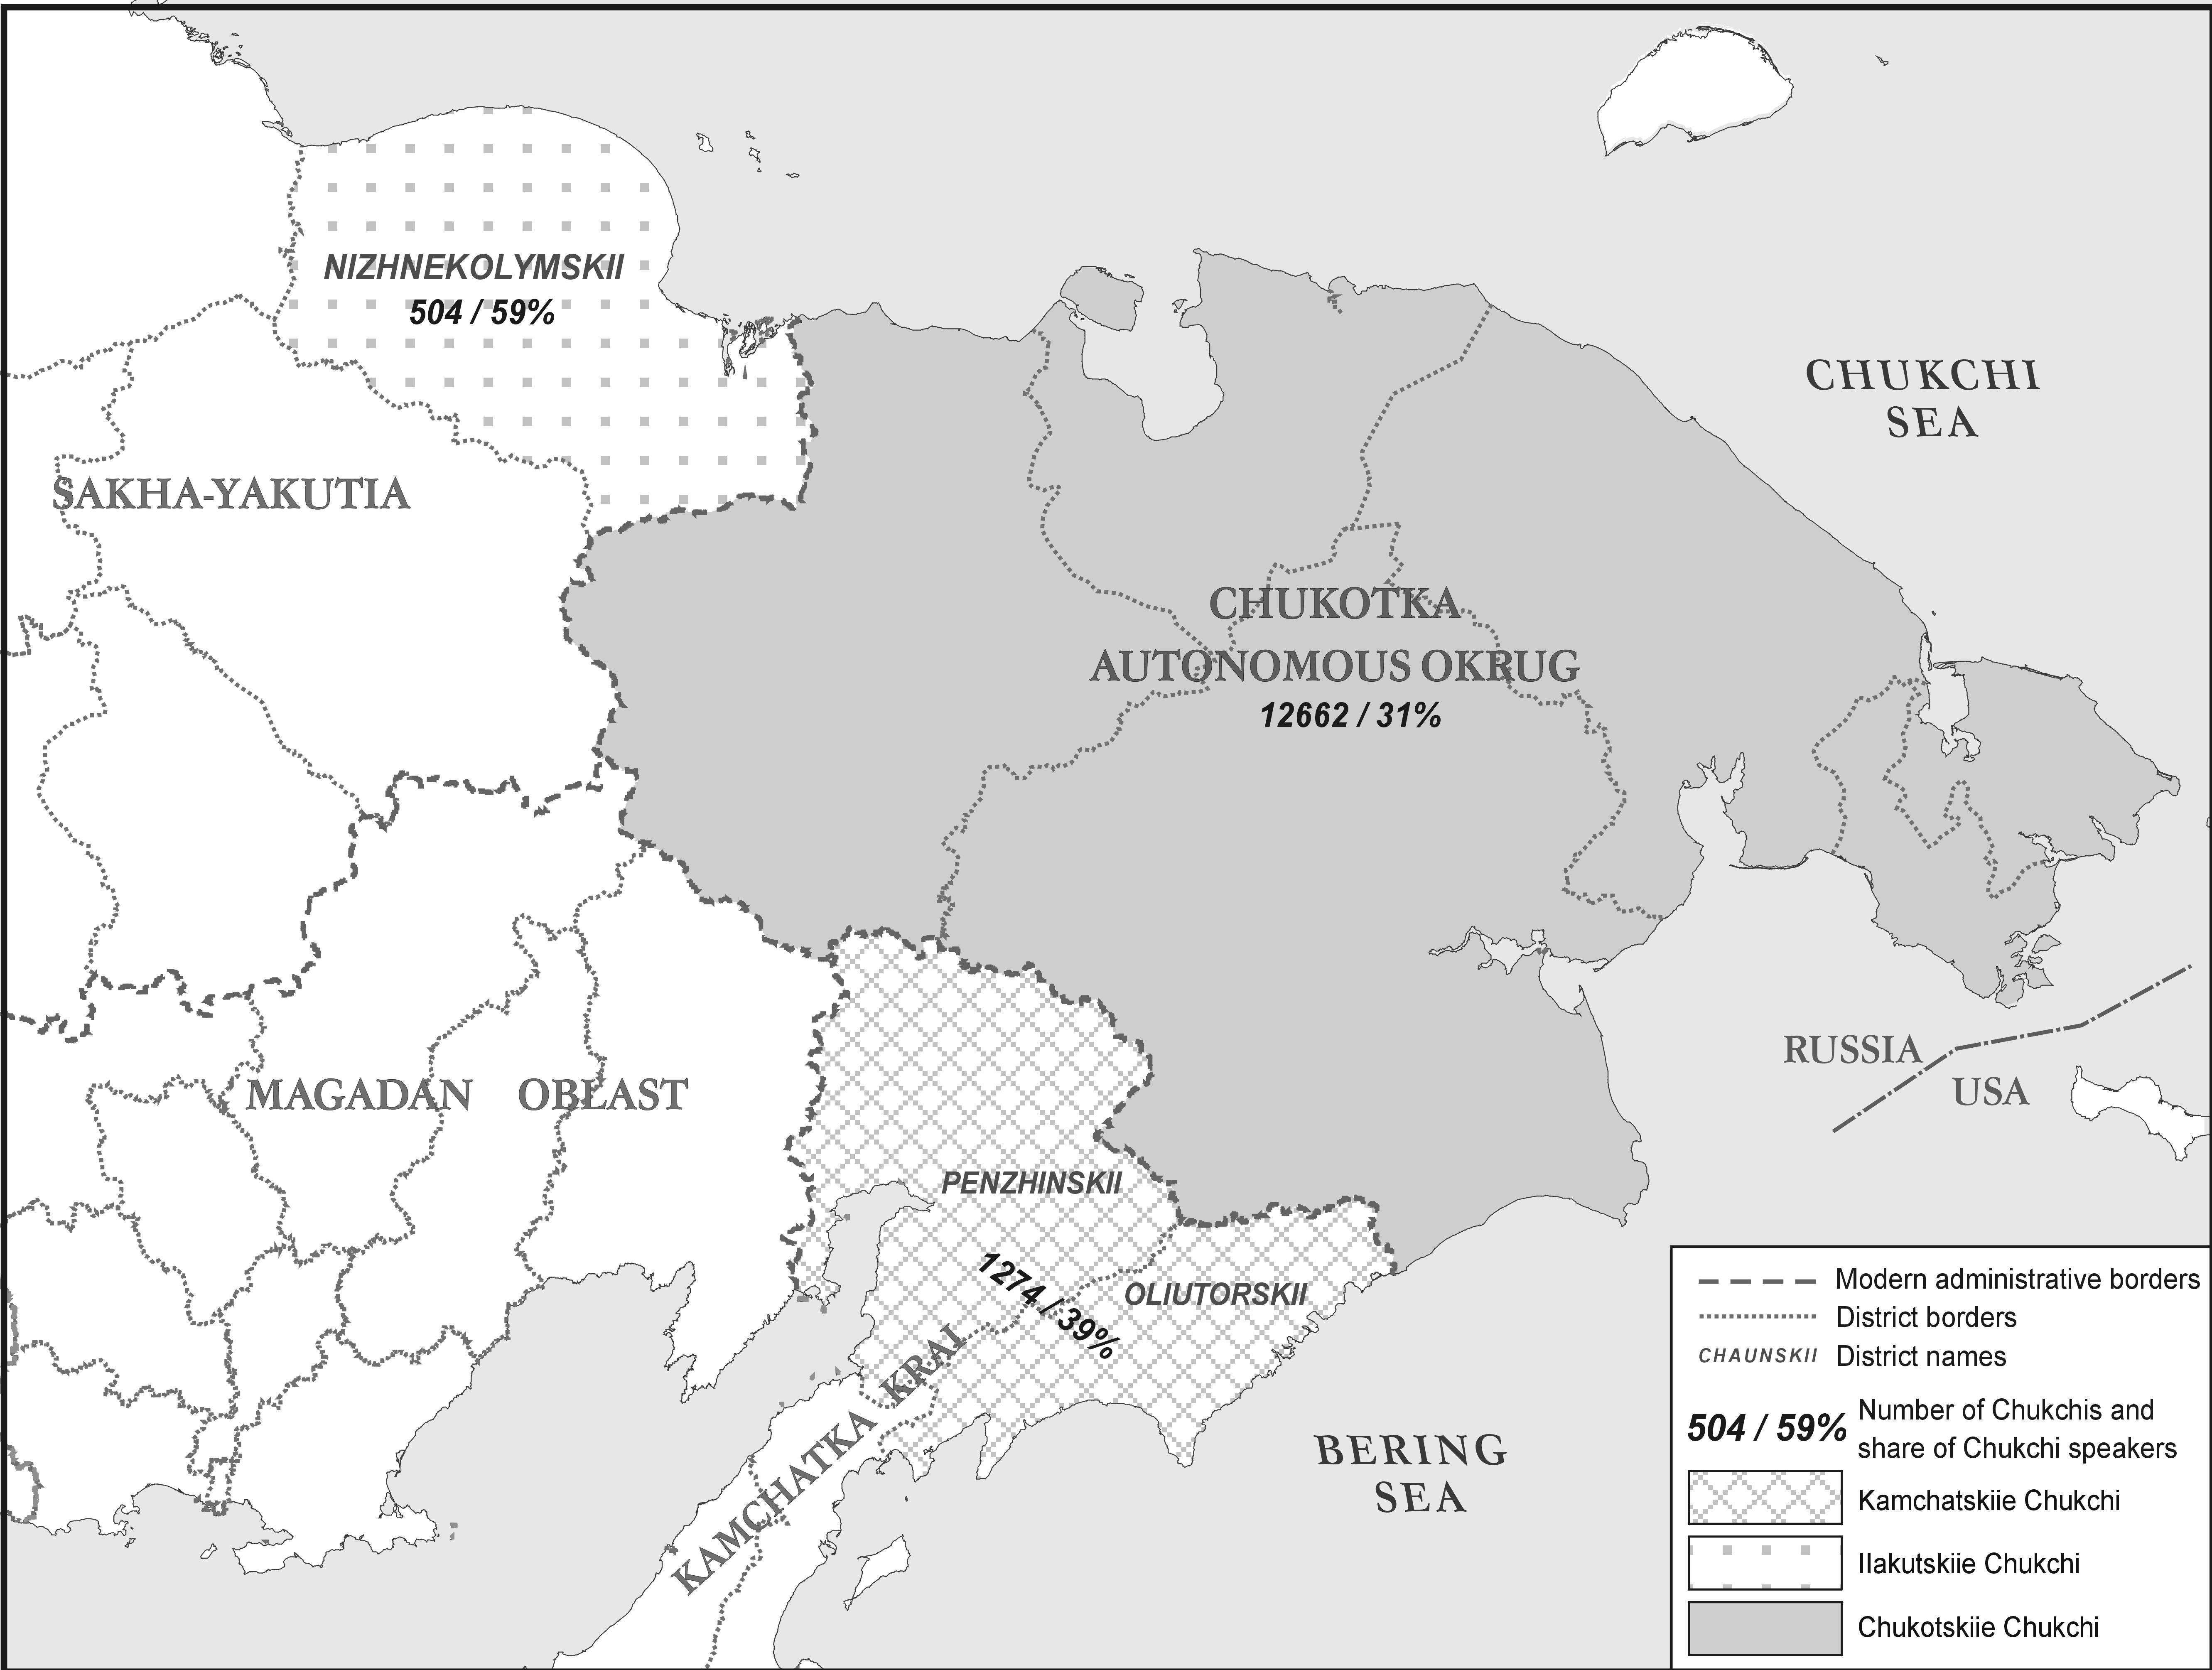 Чукотско-говорящие группы Чукотки, Якутии и Камчатки (2010); авторы Ю.Б.Коряков, М.Ю.Пупынина